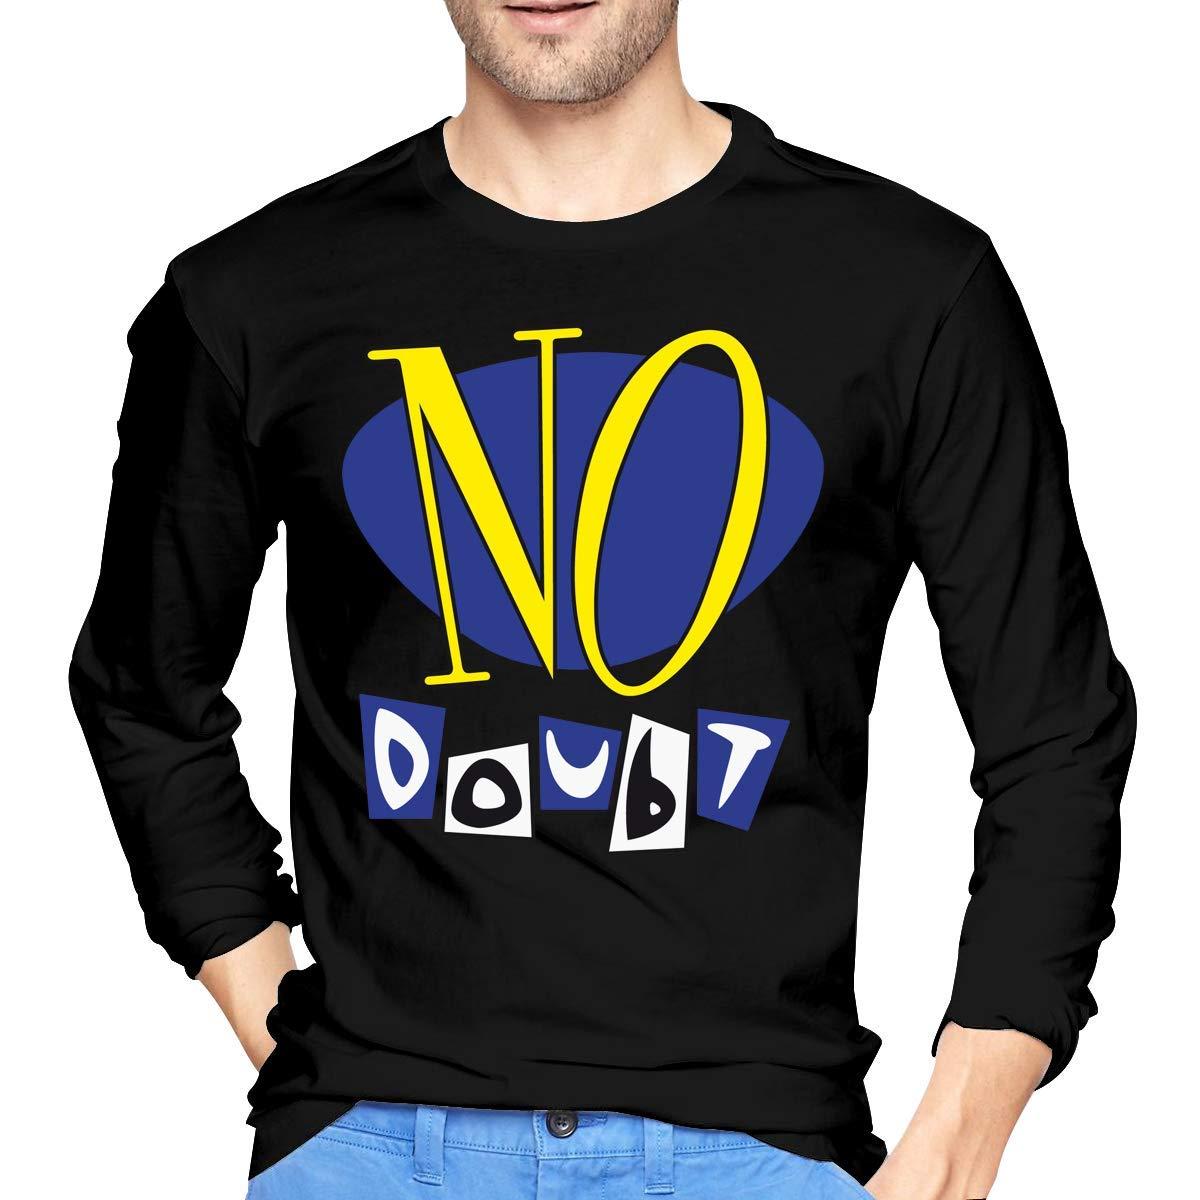 Fssatung S No Doubt Tees Black Shirts